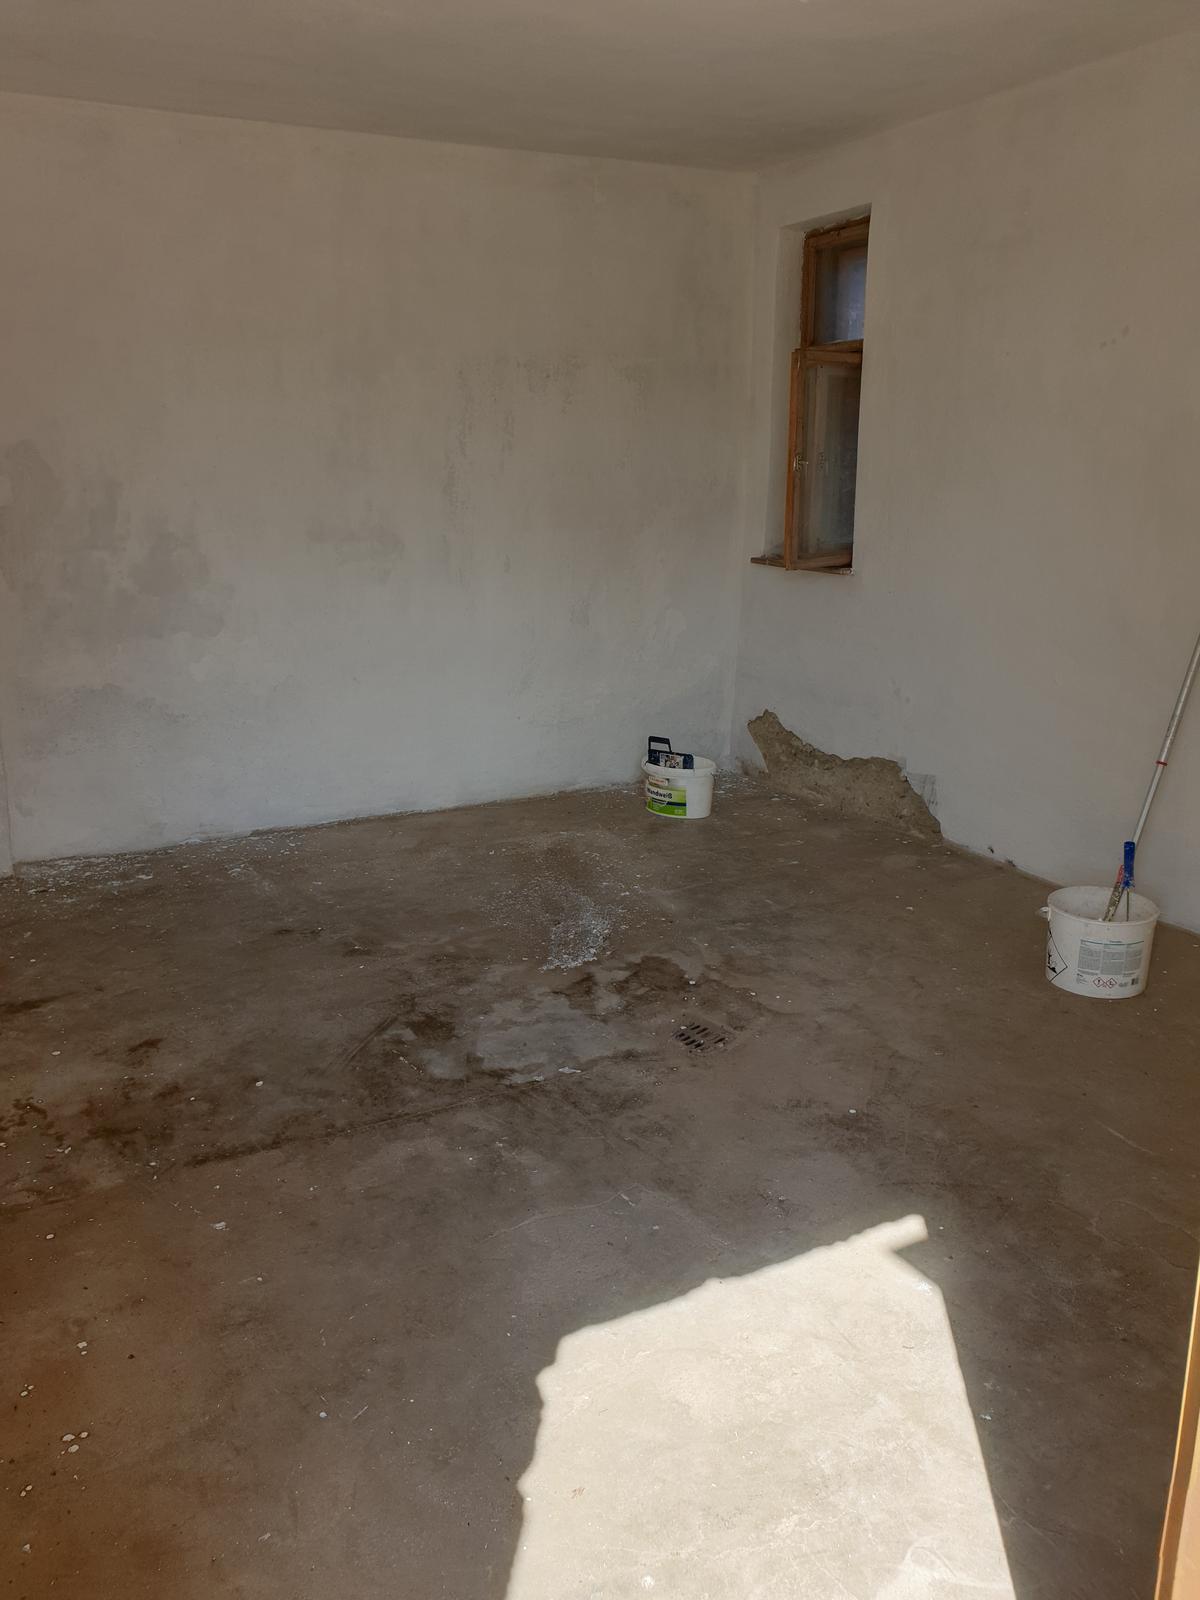 Rekonštrukcia domu-alebo chceme si splniť sen =》🏠🌻🌼🐶  mat domcek a vratit sa na Slovensko - a tu uz svokor maluje :)